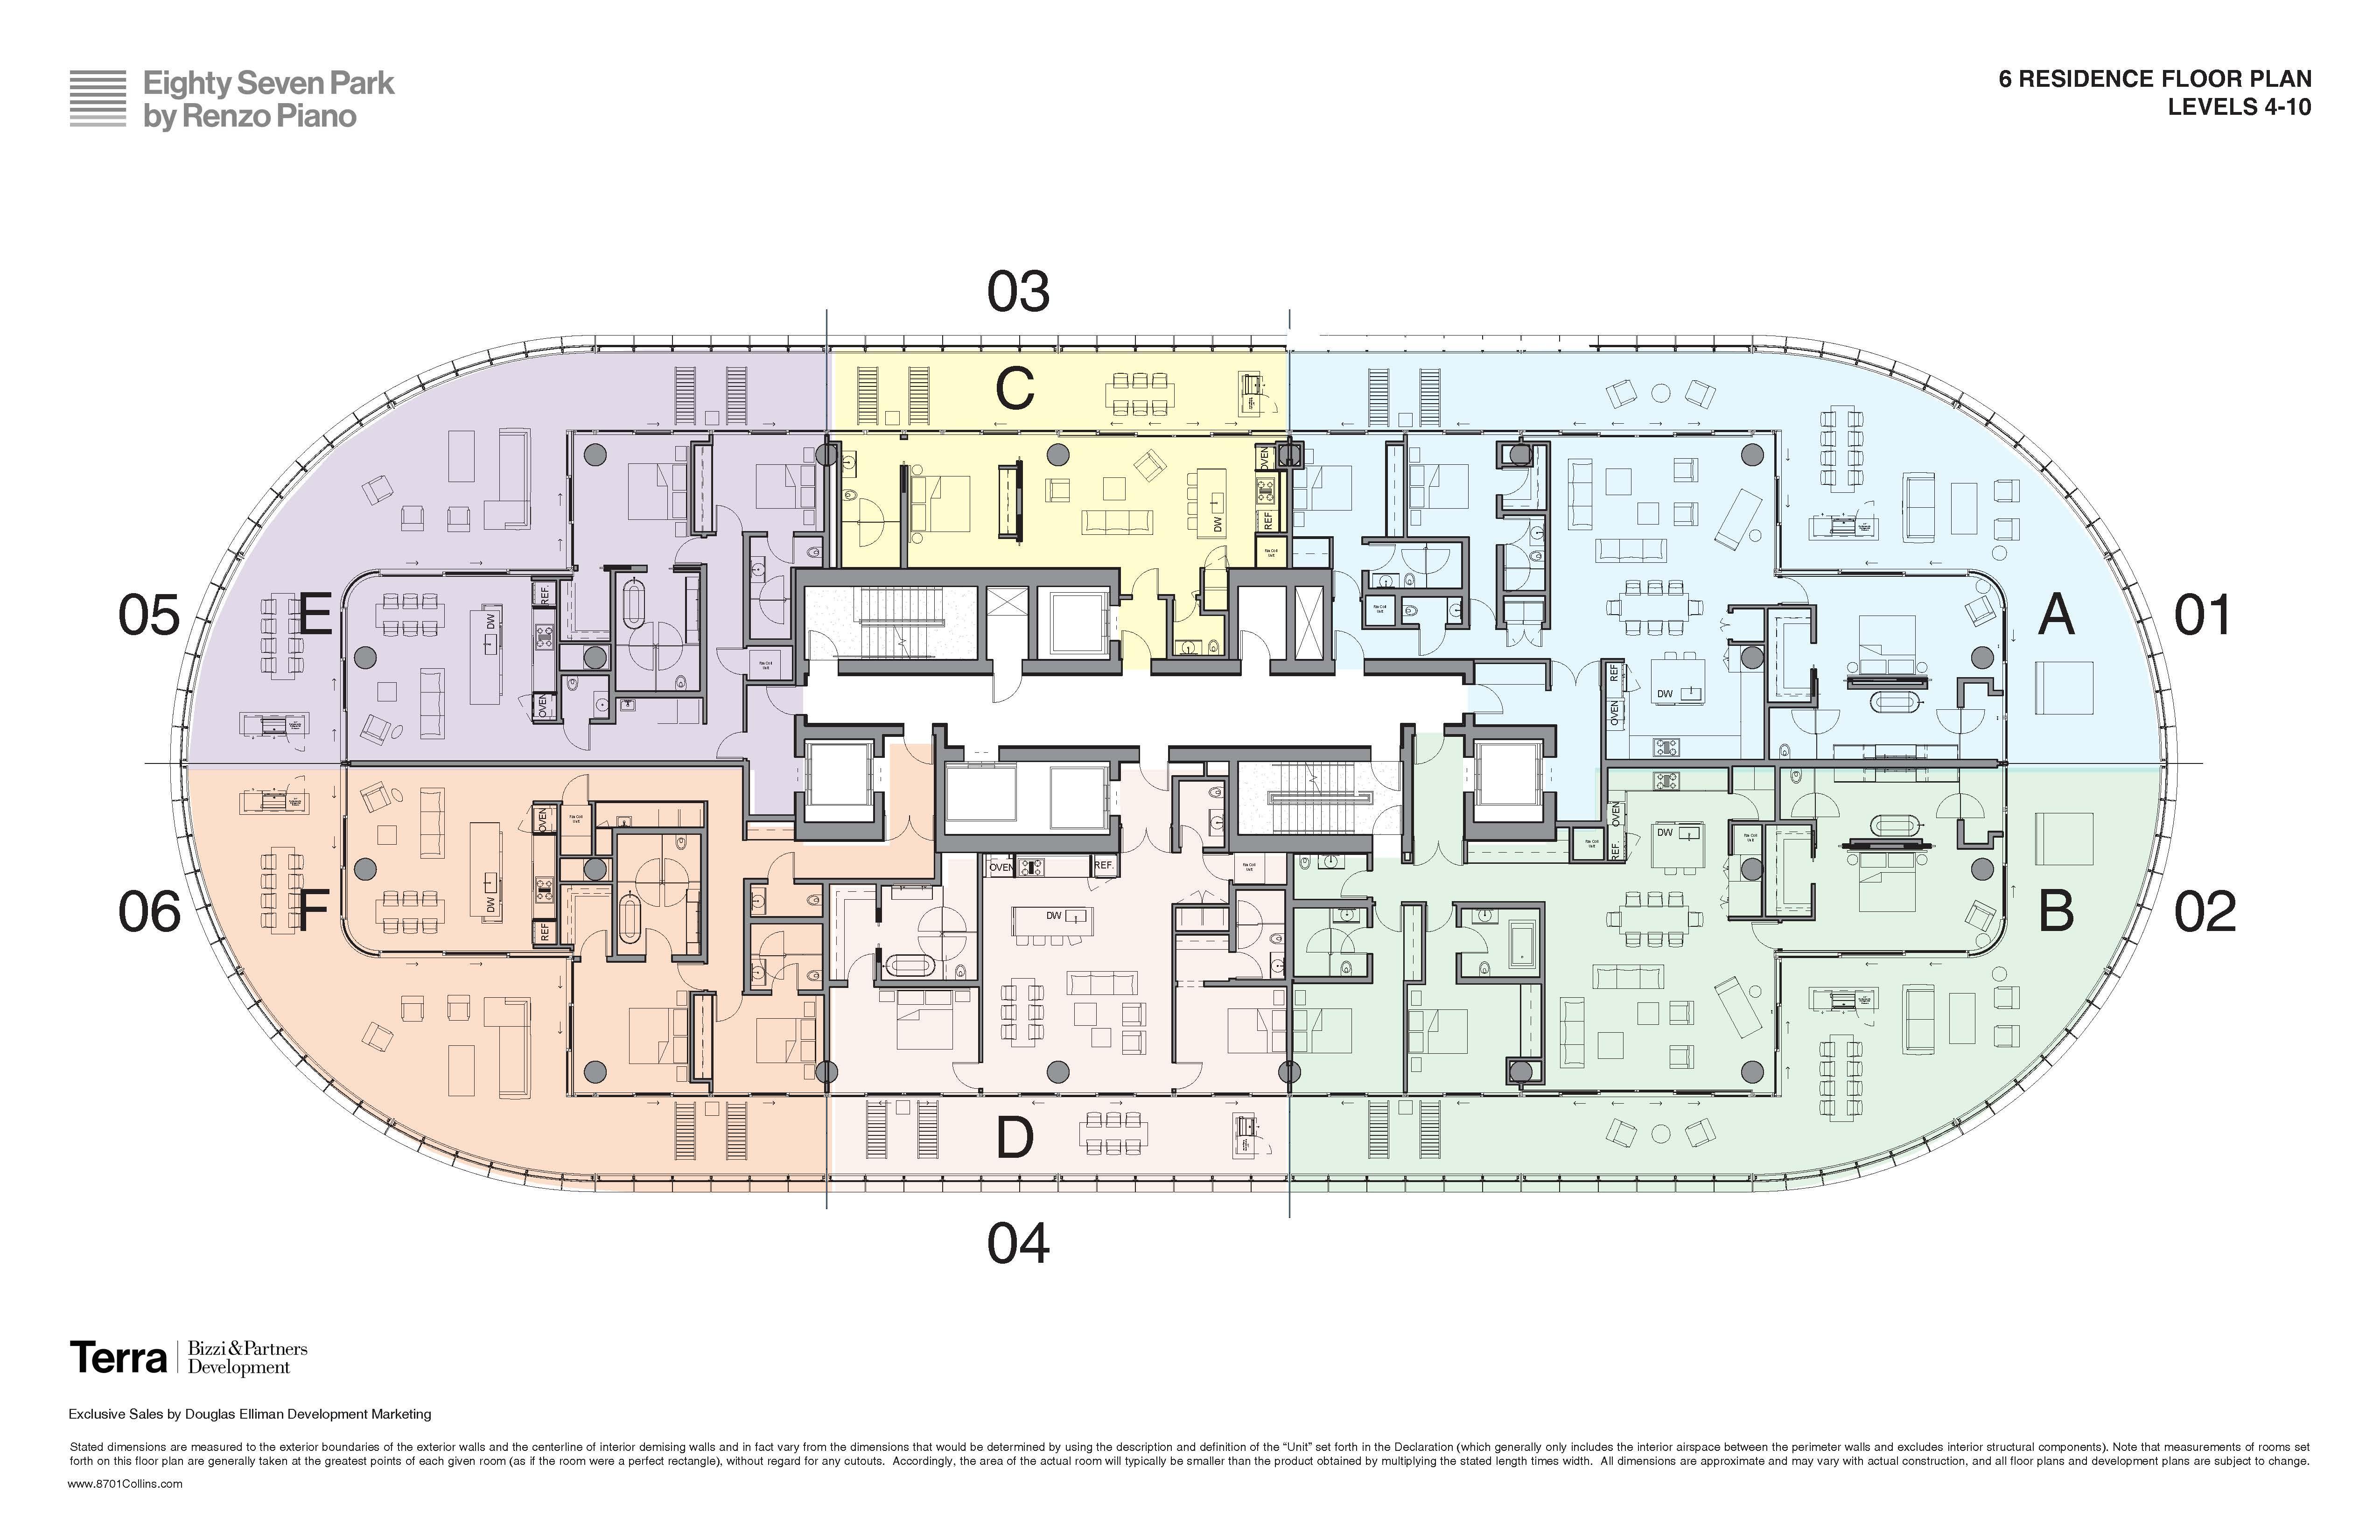 Floorplans 5